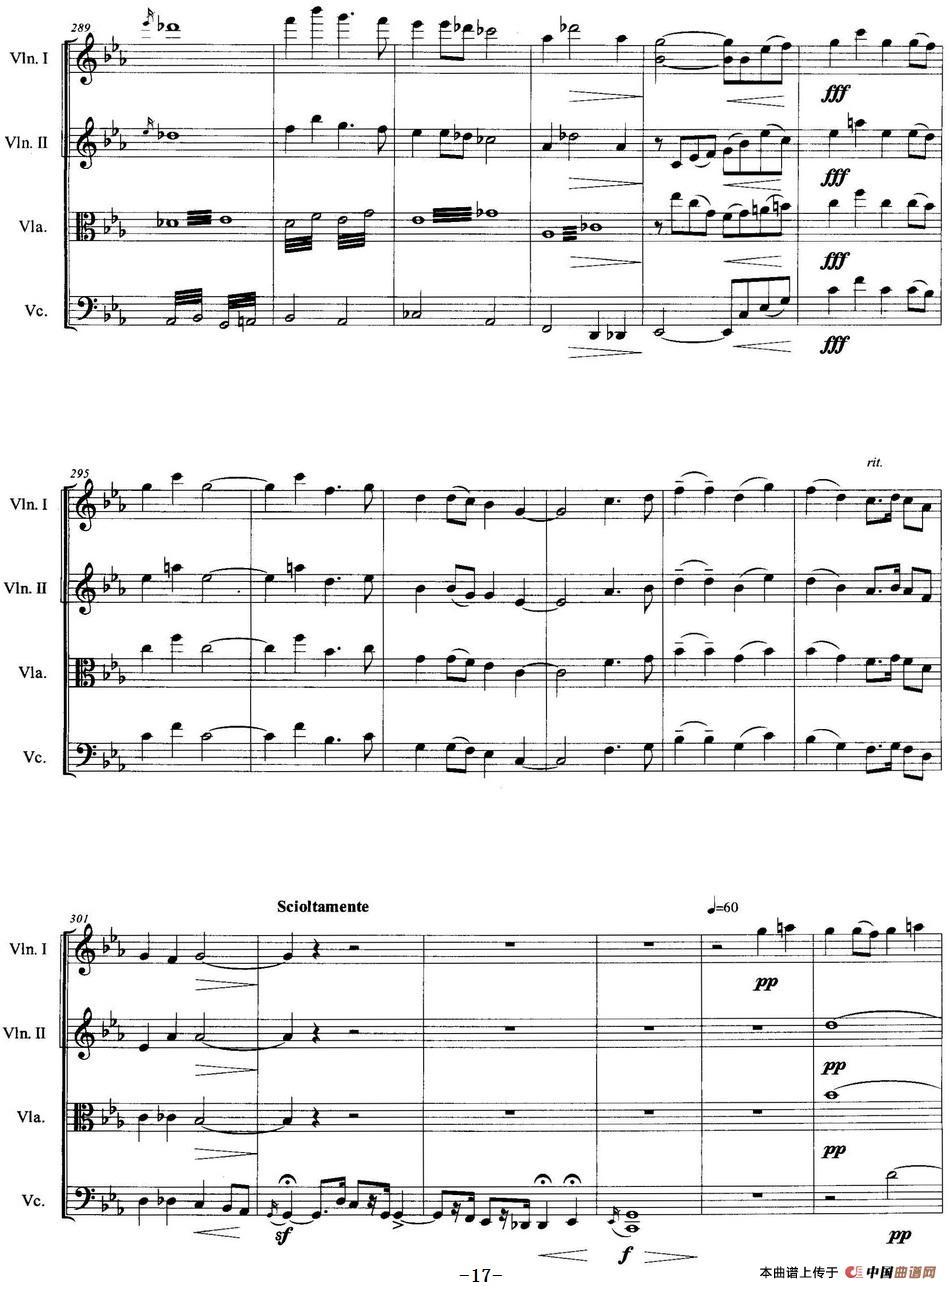 兰花花提琴谱 弦乐四重奏 器乐乐谱 中国曲谱网